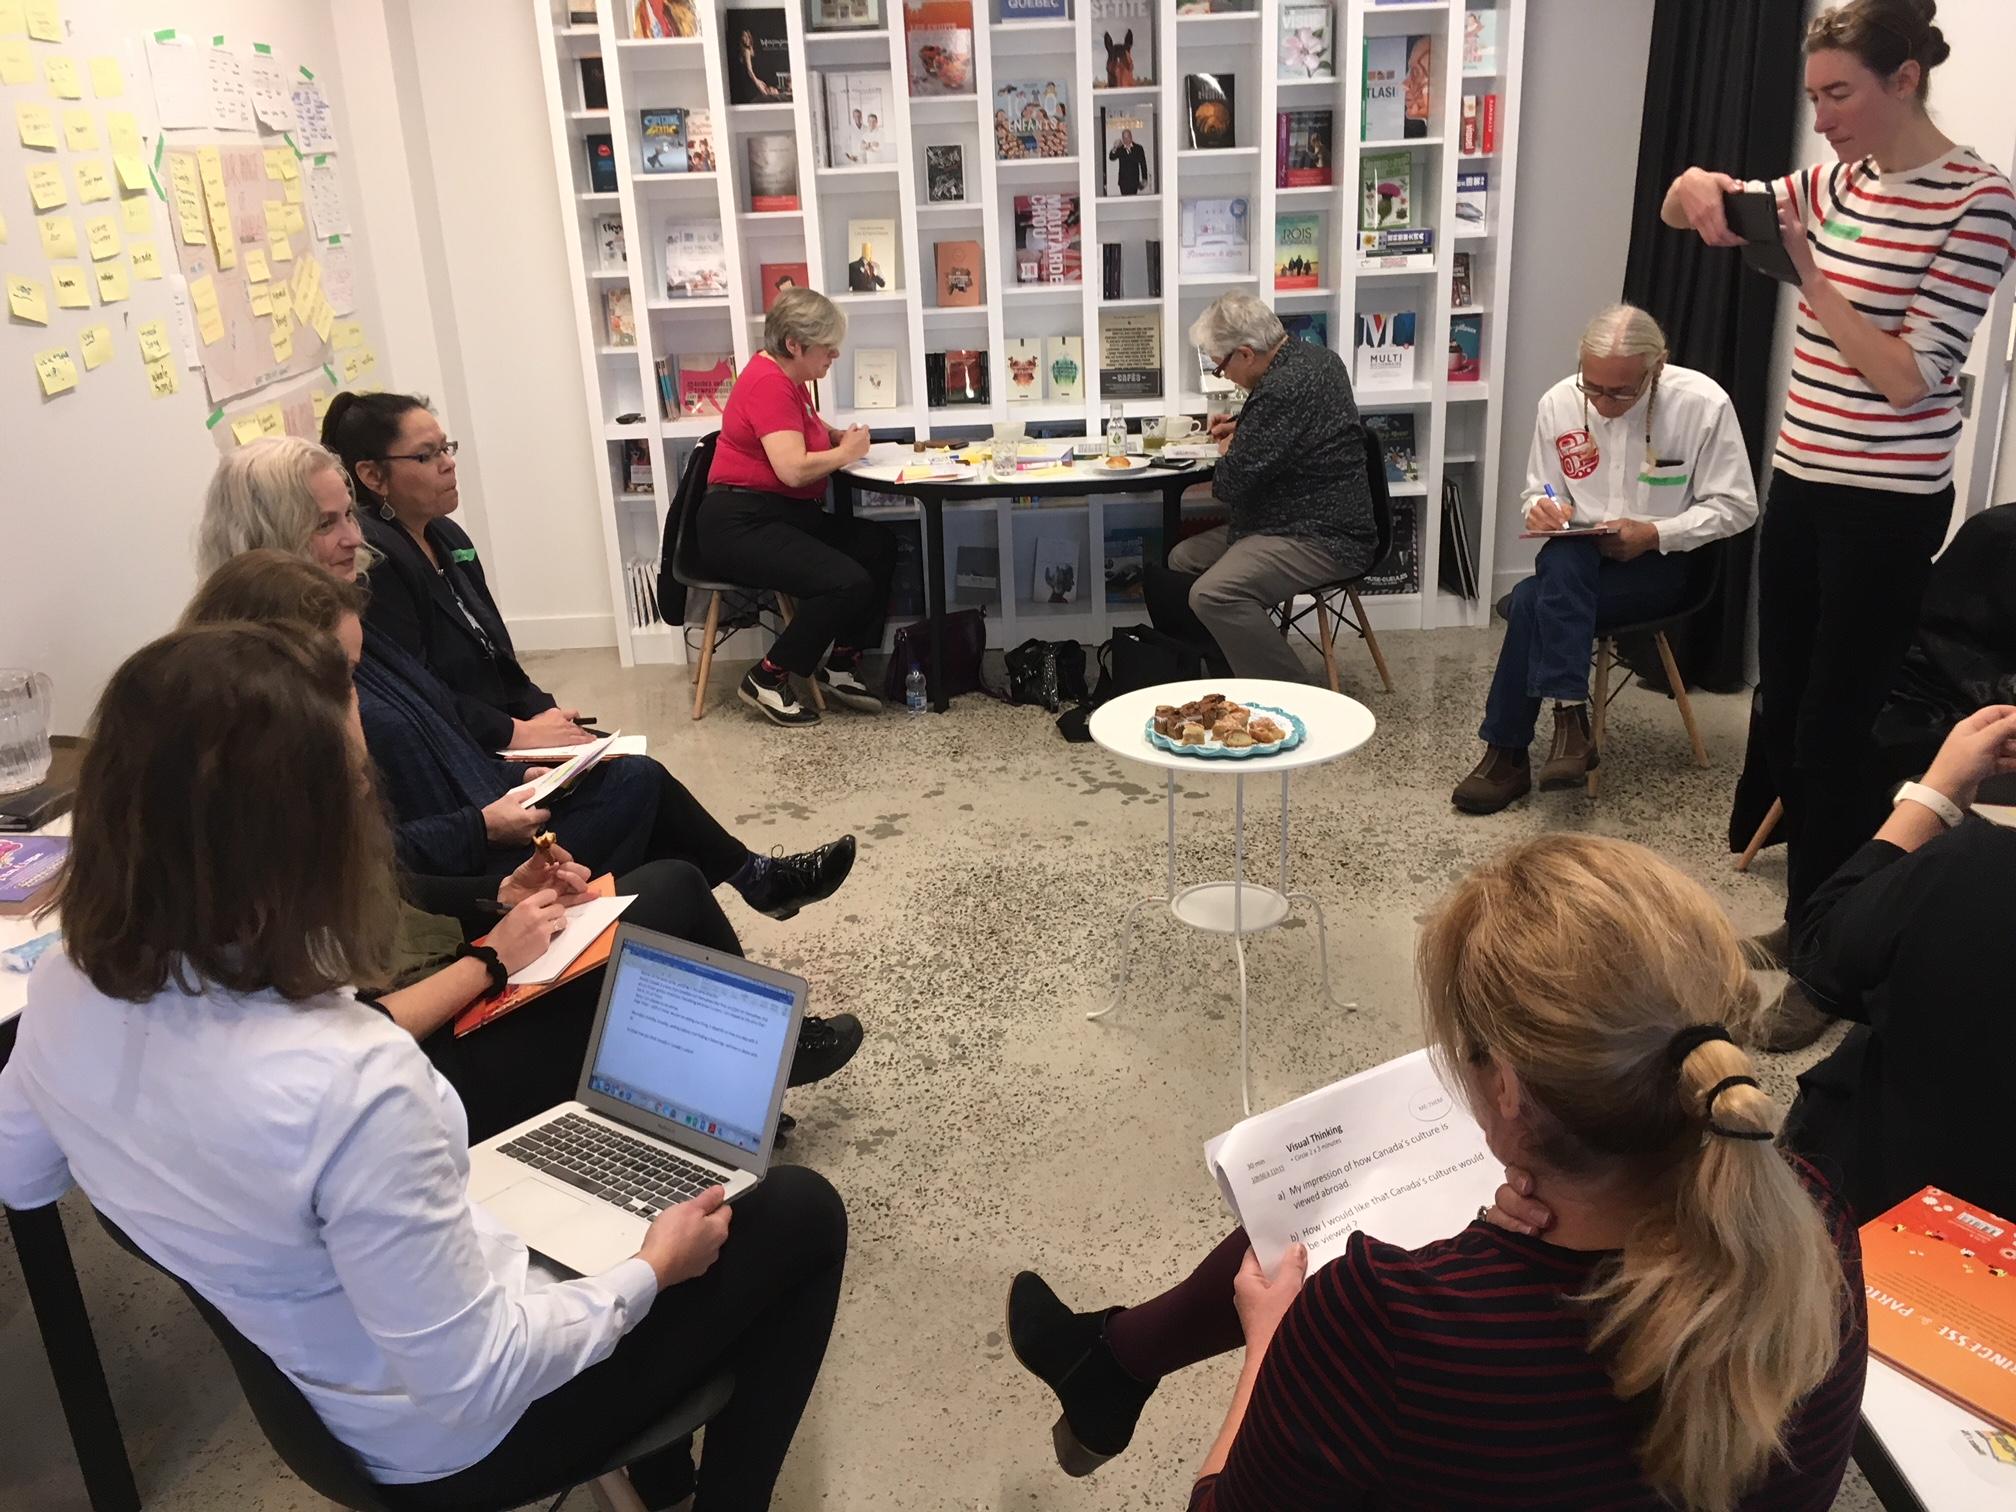 Francfort2020 - Design et animation d'une journée de réflexion sur l'image que devrait avoir le Canada à la foire de Francfort en 2020. Huit auteurs et éditeurs des quatre coin du Canada, francophones, anglophones, autochtones, immigrants ont été réunis pour cette lourde tâche de trouver nos communs. Les résultats étaient émouvants. Article FMB2020. Une collaboration avec Hanneke Ronken.#design #evenement #collaboratif #strategie